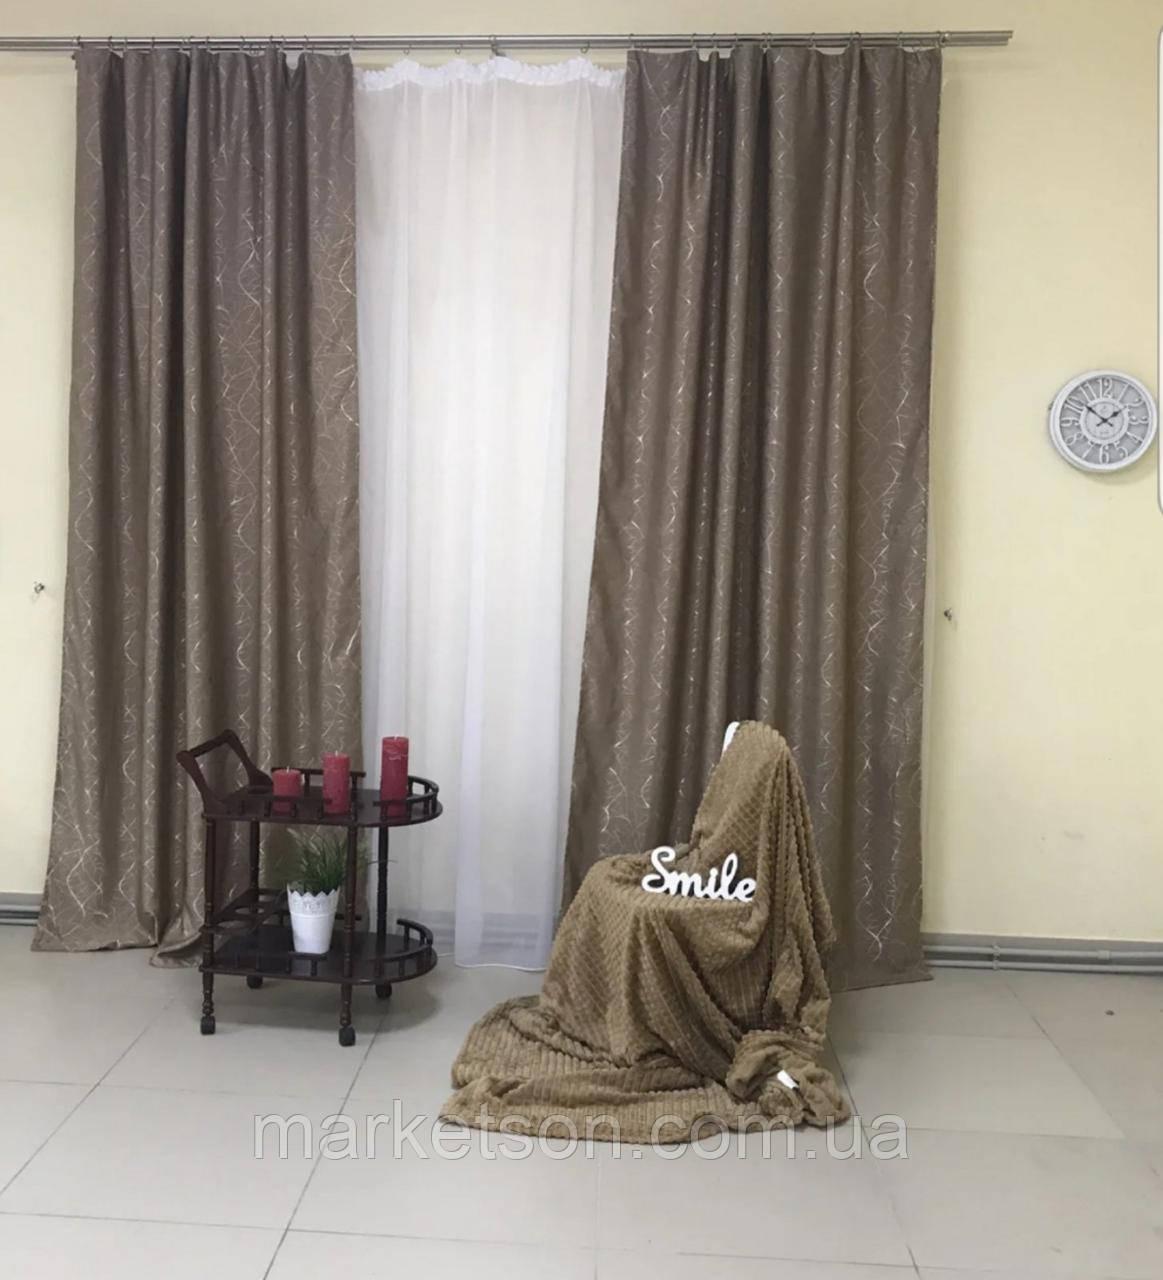 Готовые плотные шторы для спальни или гостинной 1,5х2,7